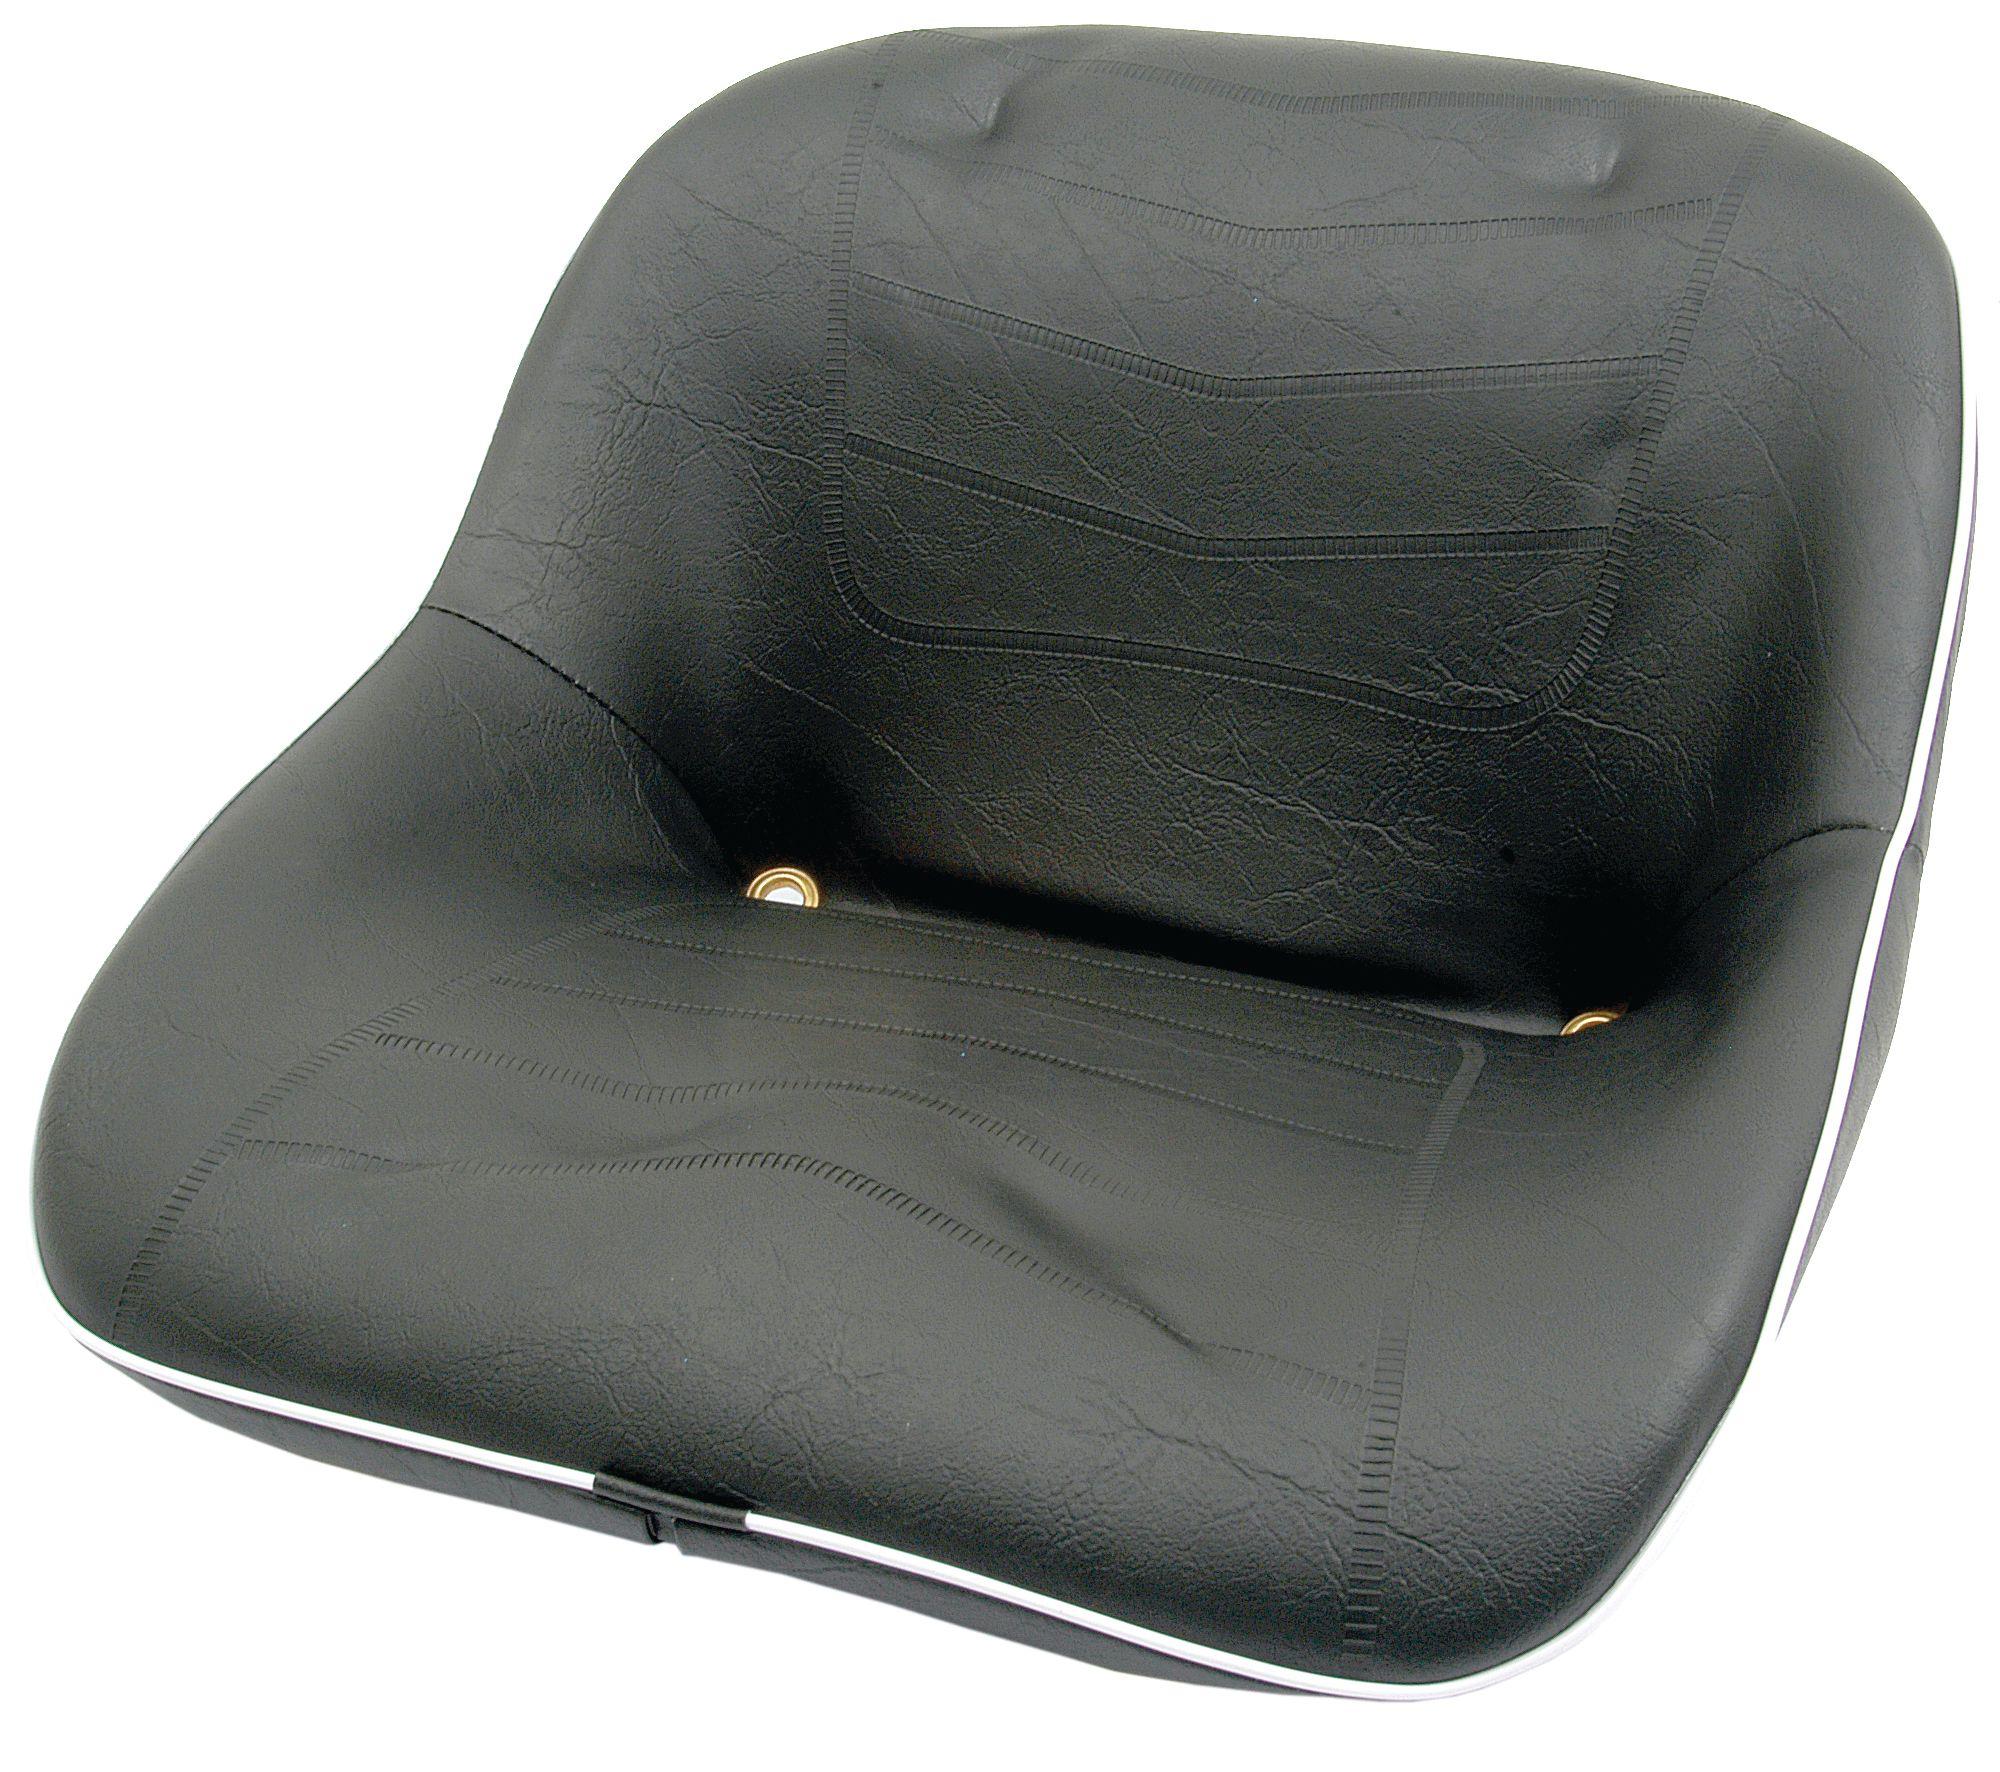 HINOMOTO SEAT ASSMEBLY HINOMOTO